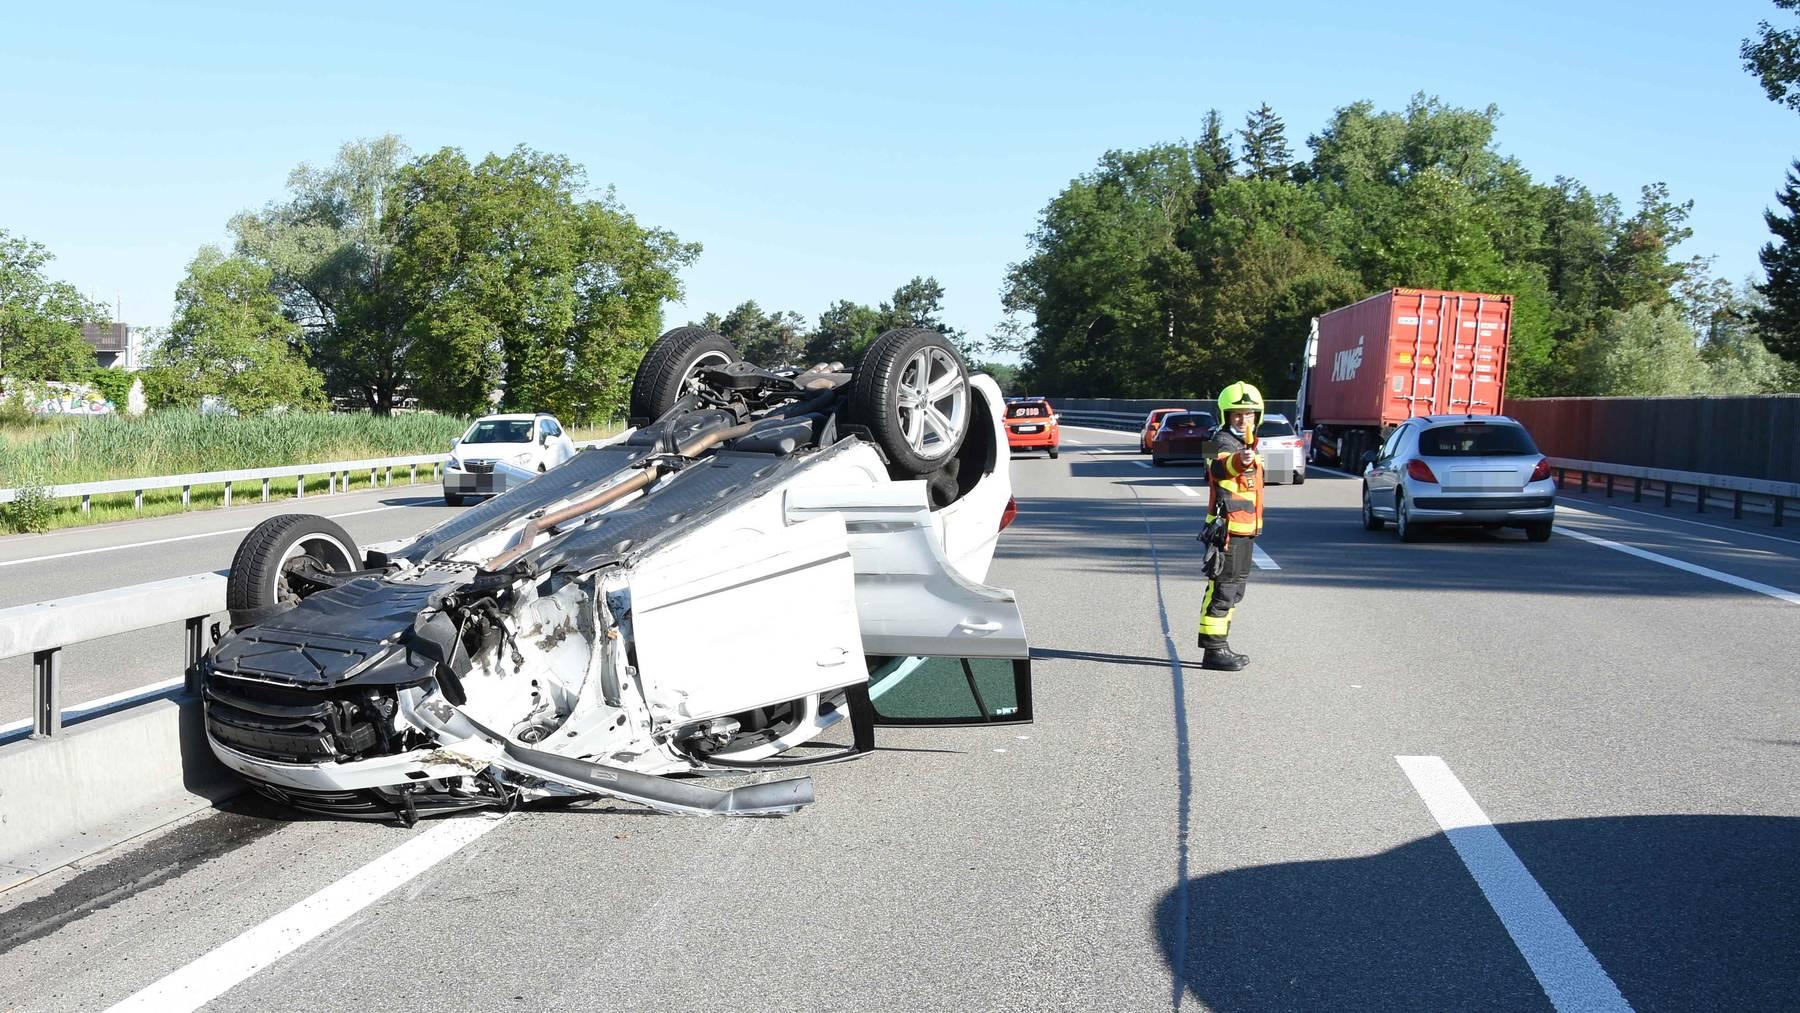 Am Auto entstand Sachschaden im Wert von etwa 20'000 Franken.